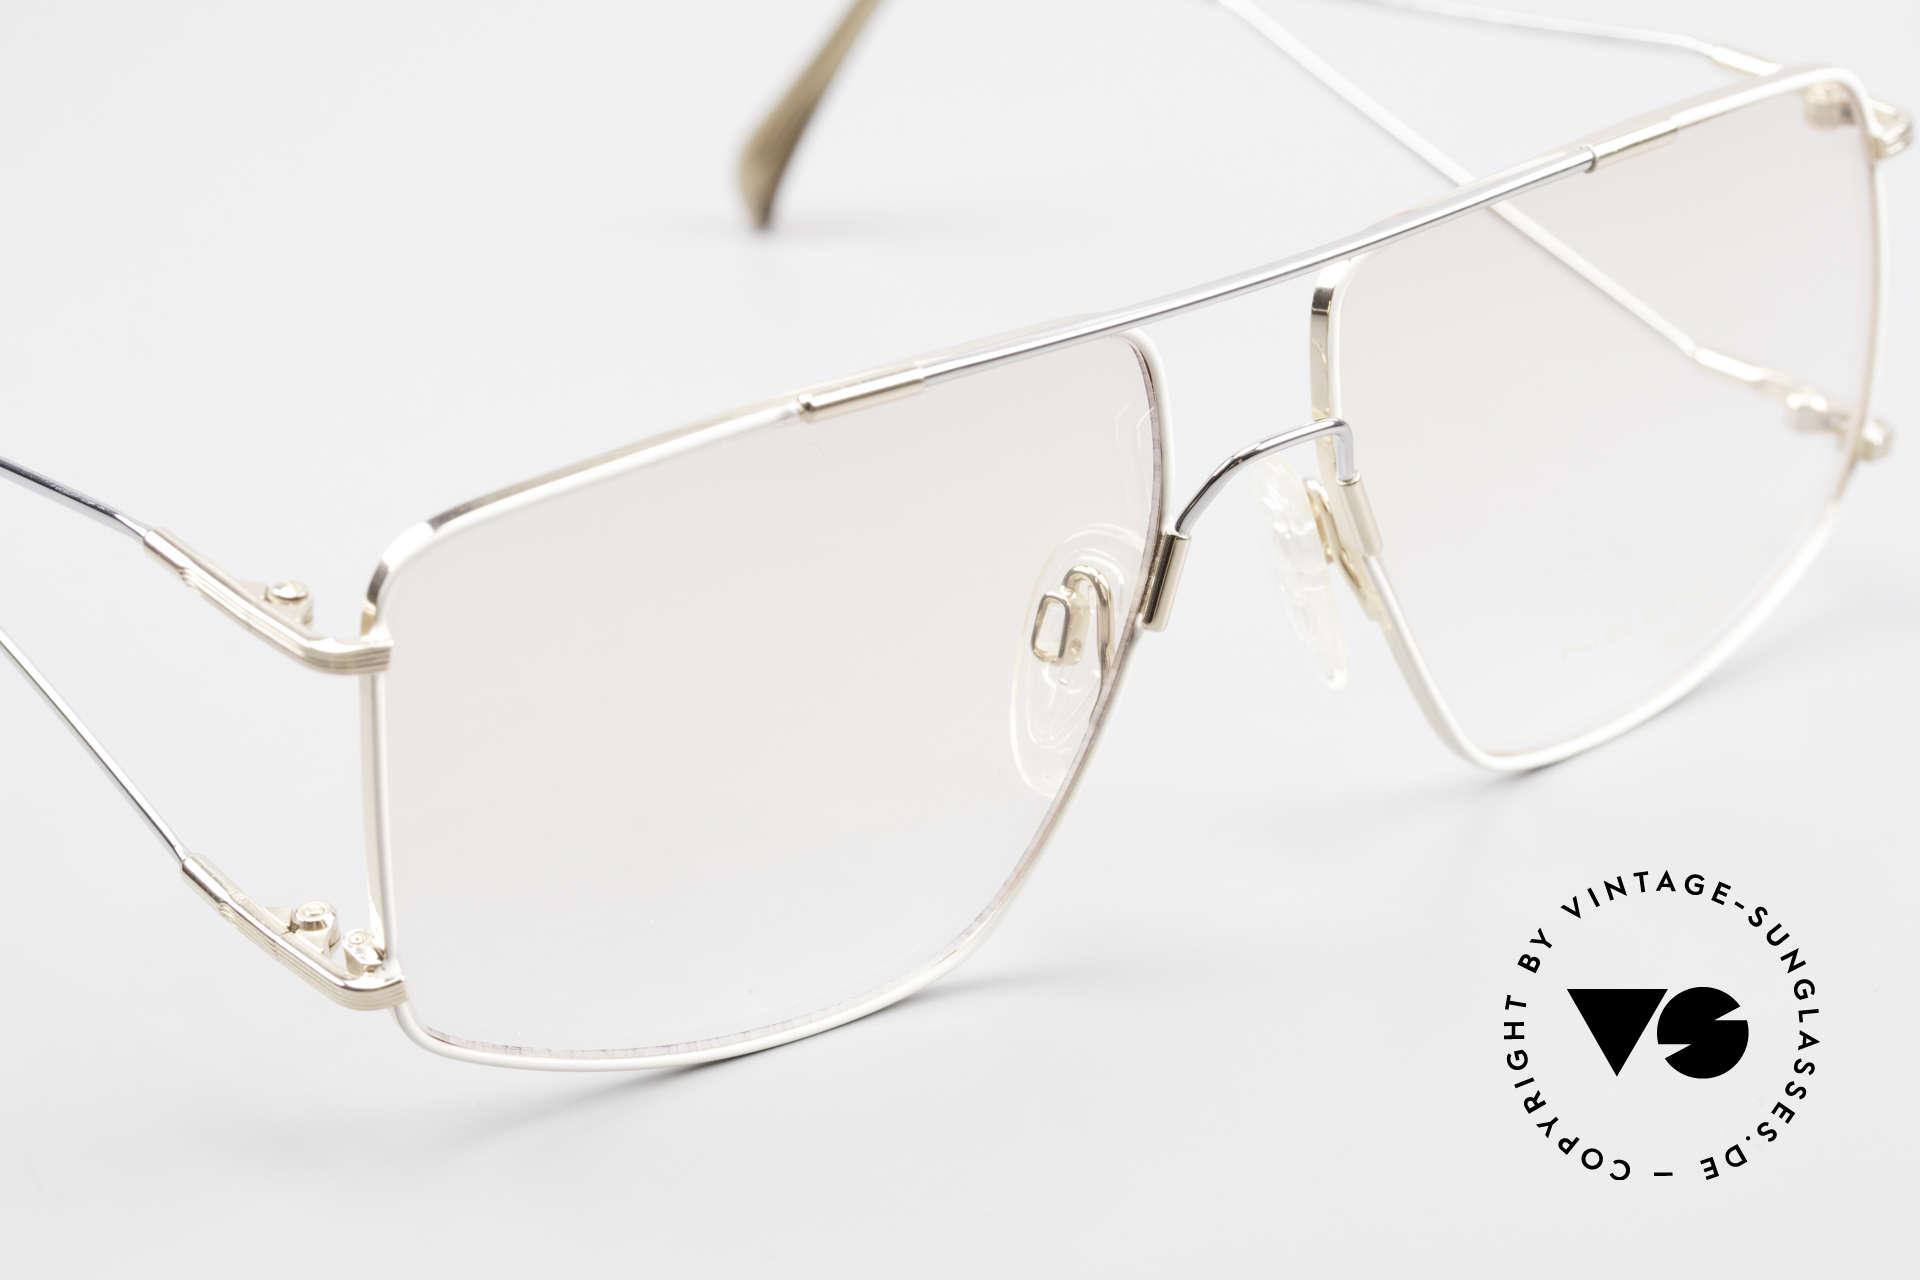 Neostyle Jet 40 Titanflex Vintage 90's Glasses, an unworn 1990's ORIGINAL with vintage hard case, Made for Men